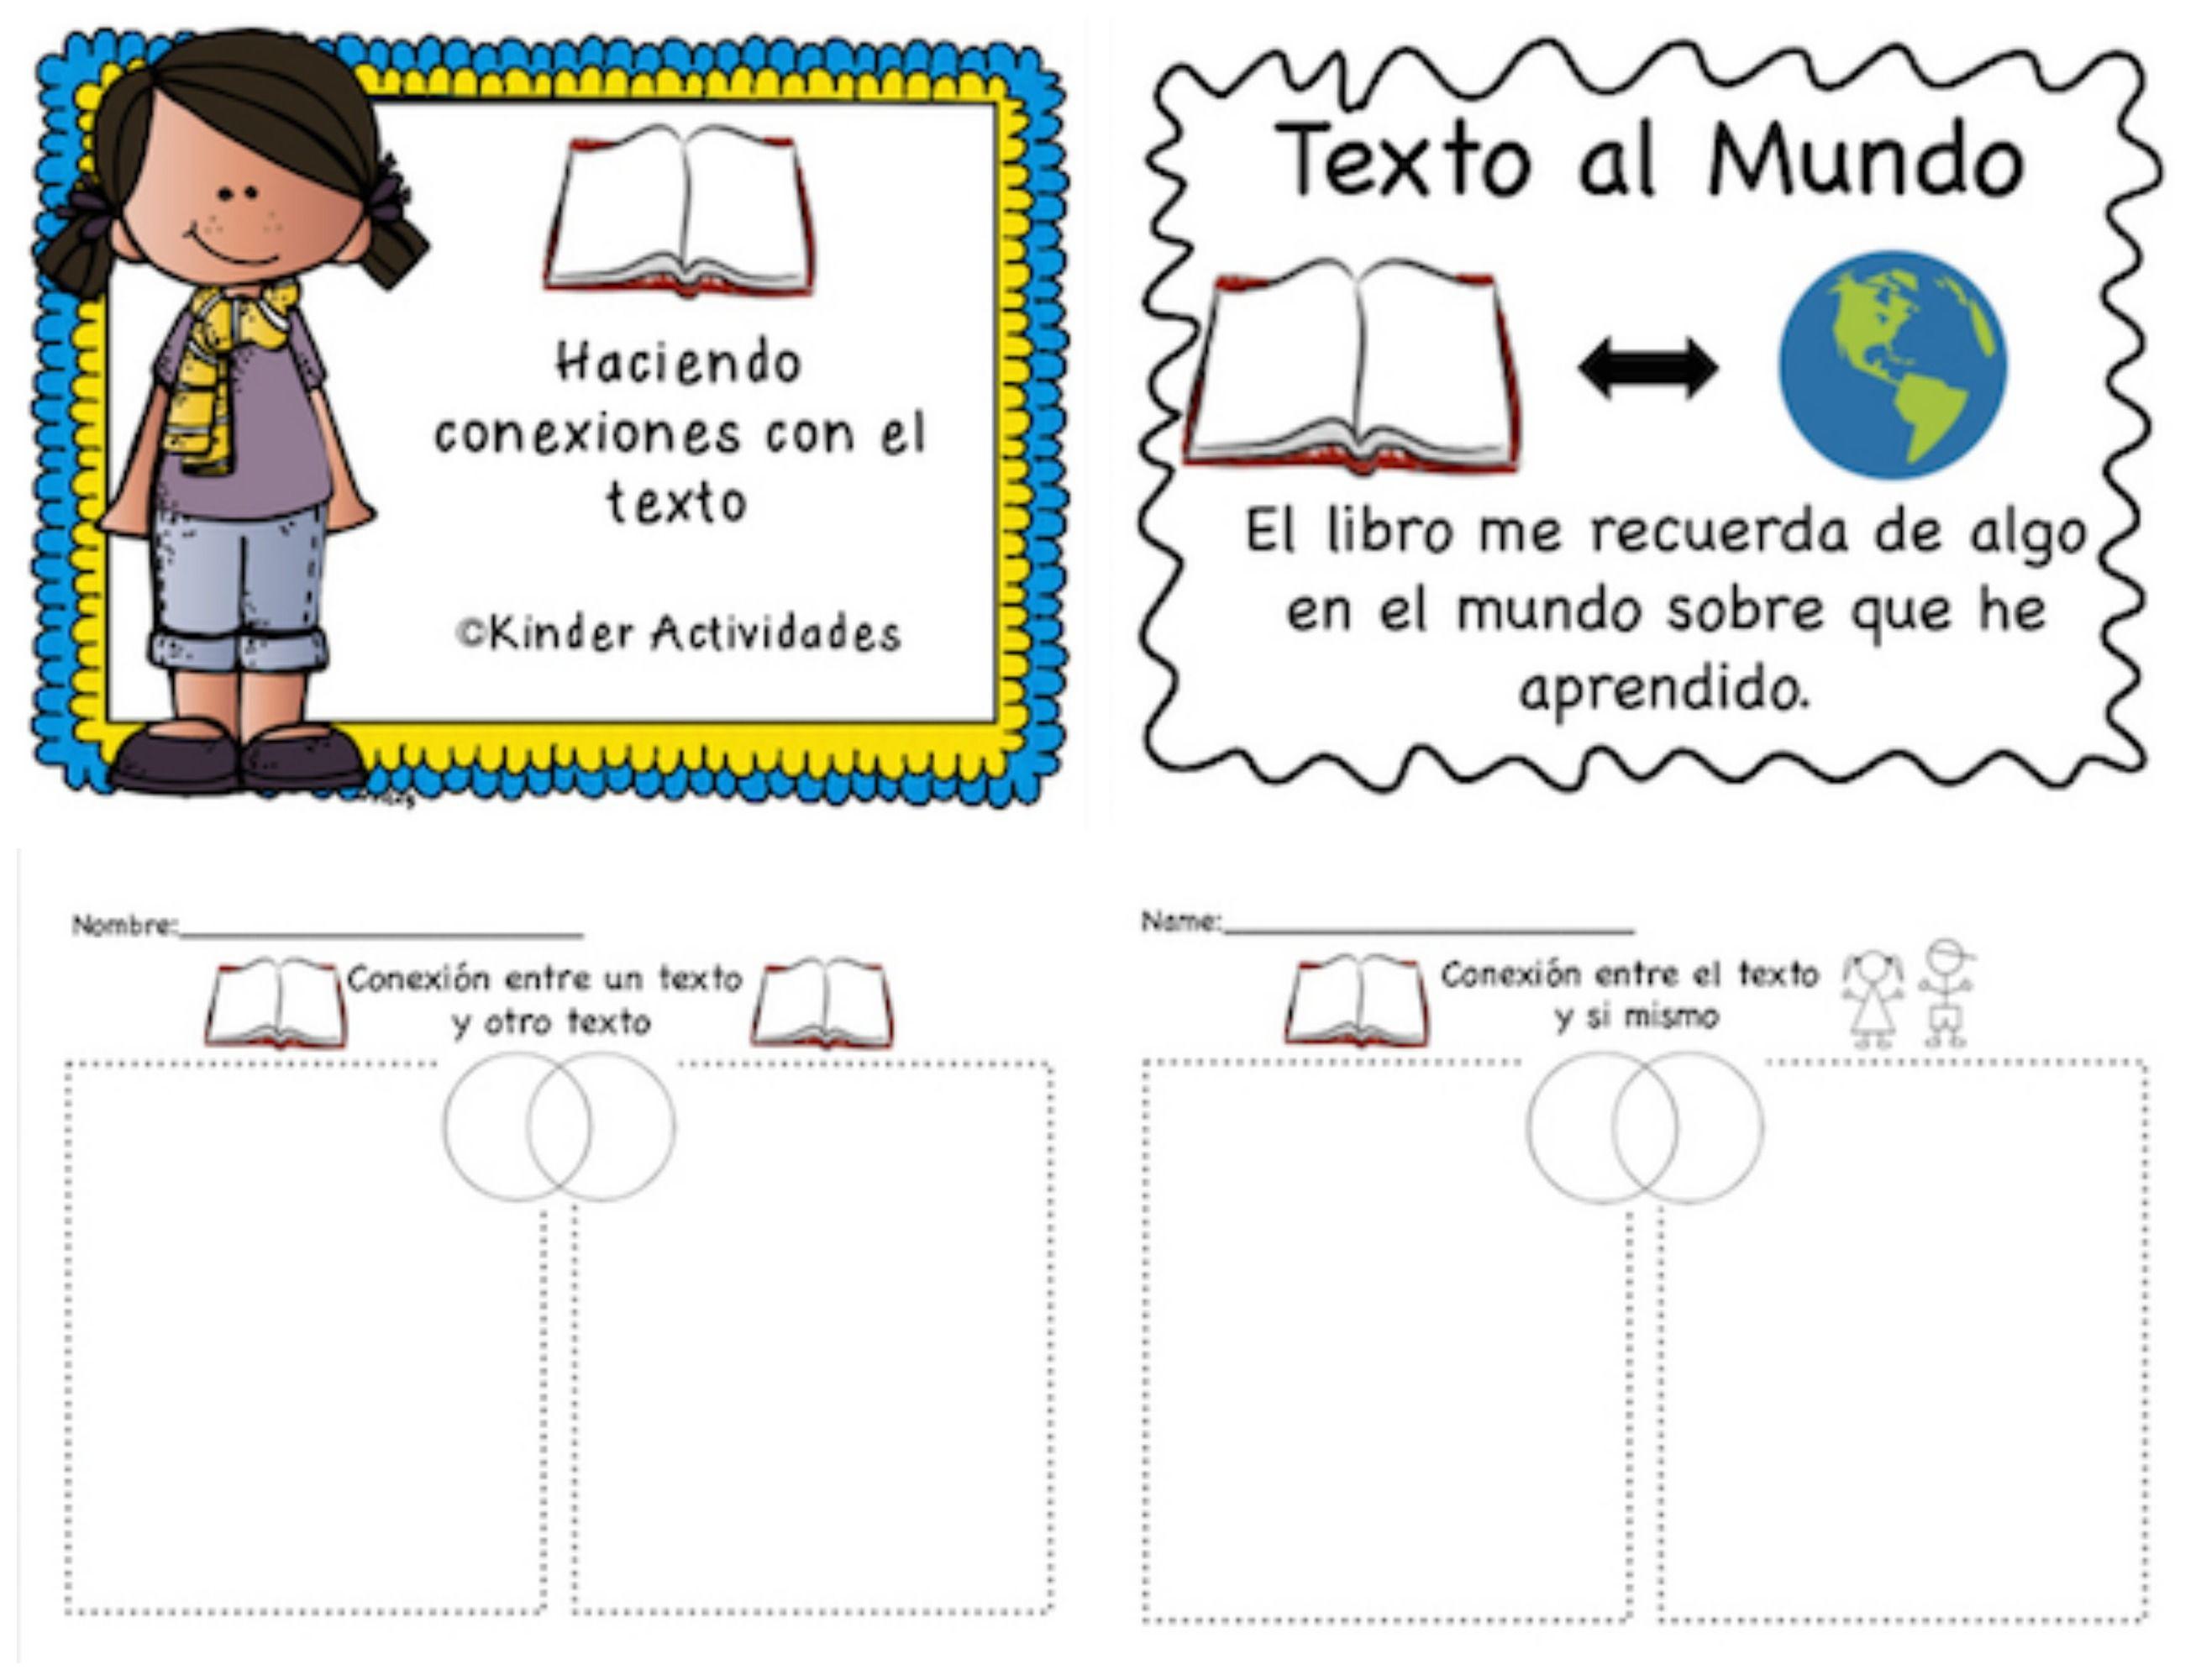 Text Connection In Spanish Haciendo Conexiones Con El Texto